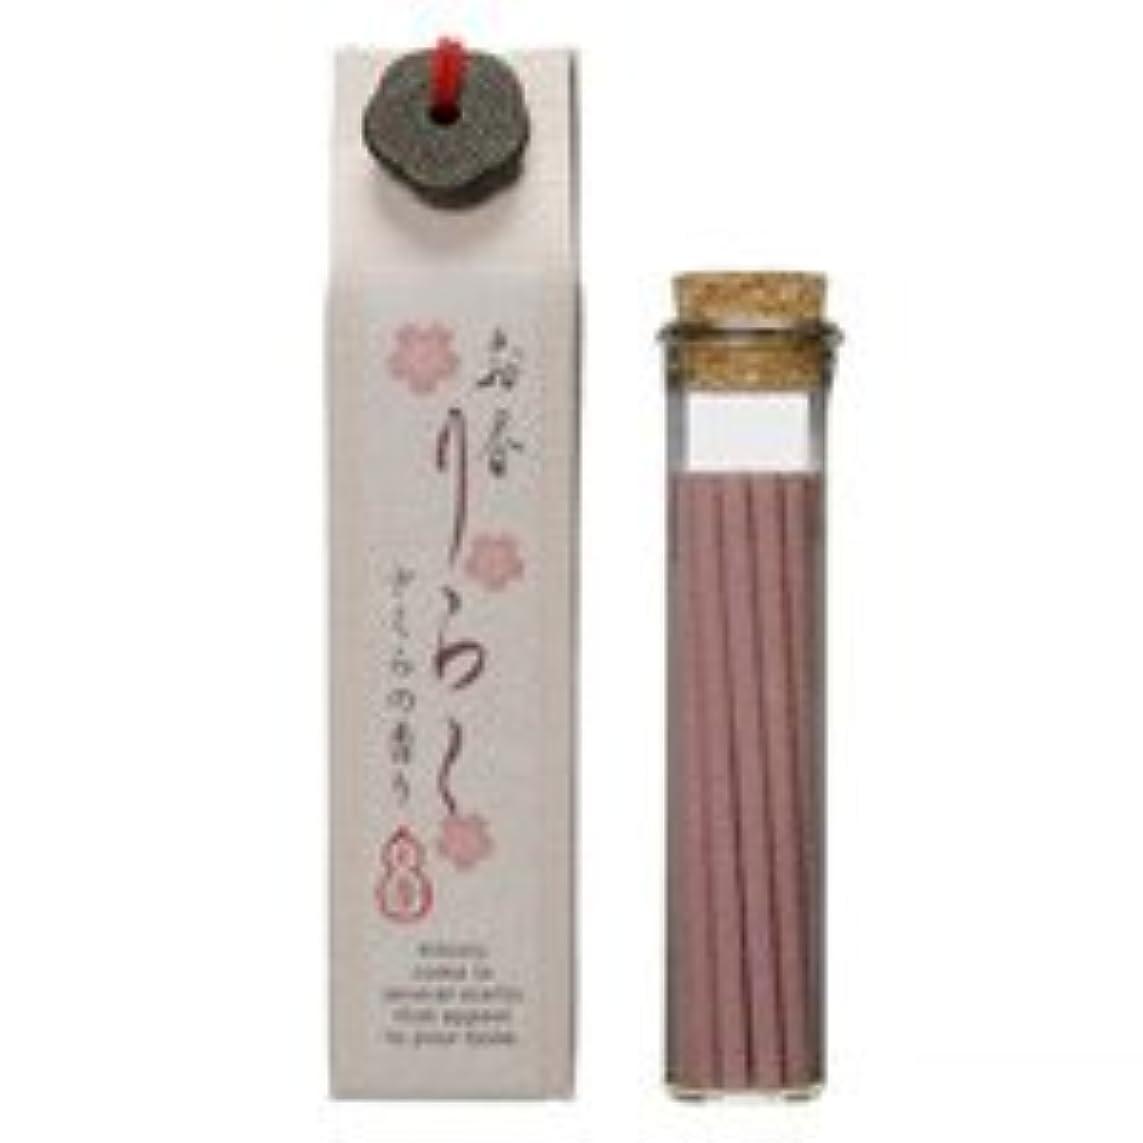 【大香】お香 りらく さくら 15本入